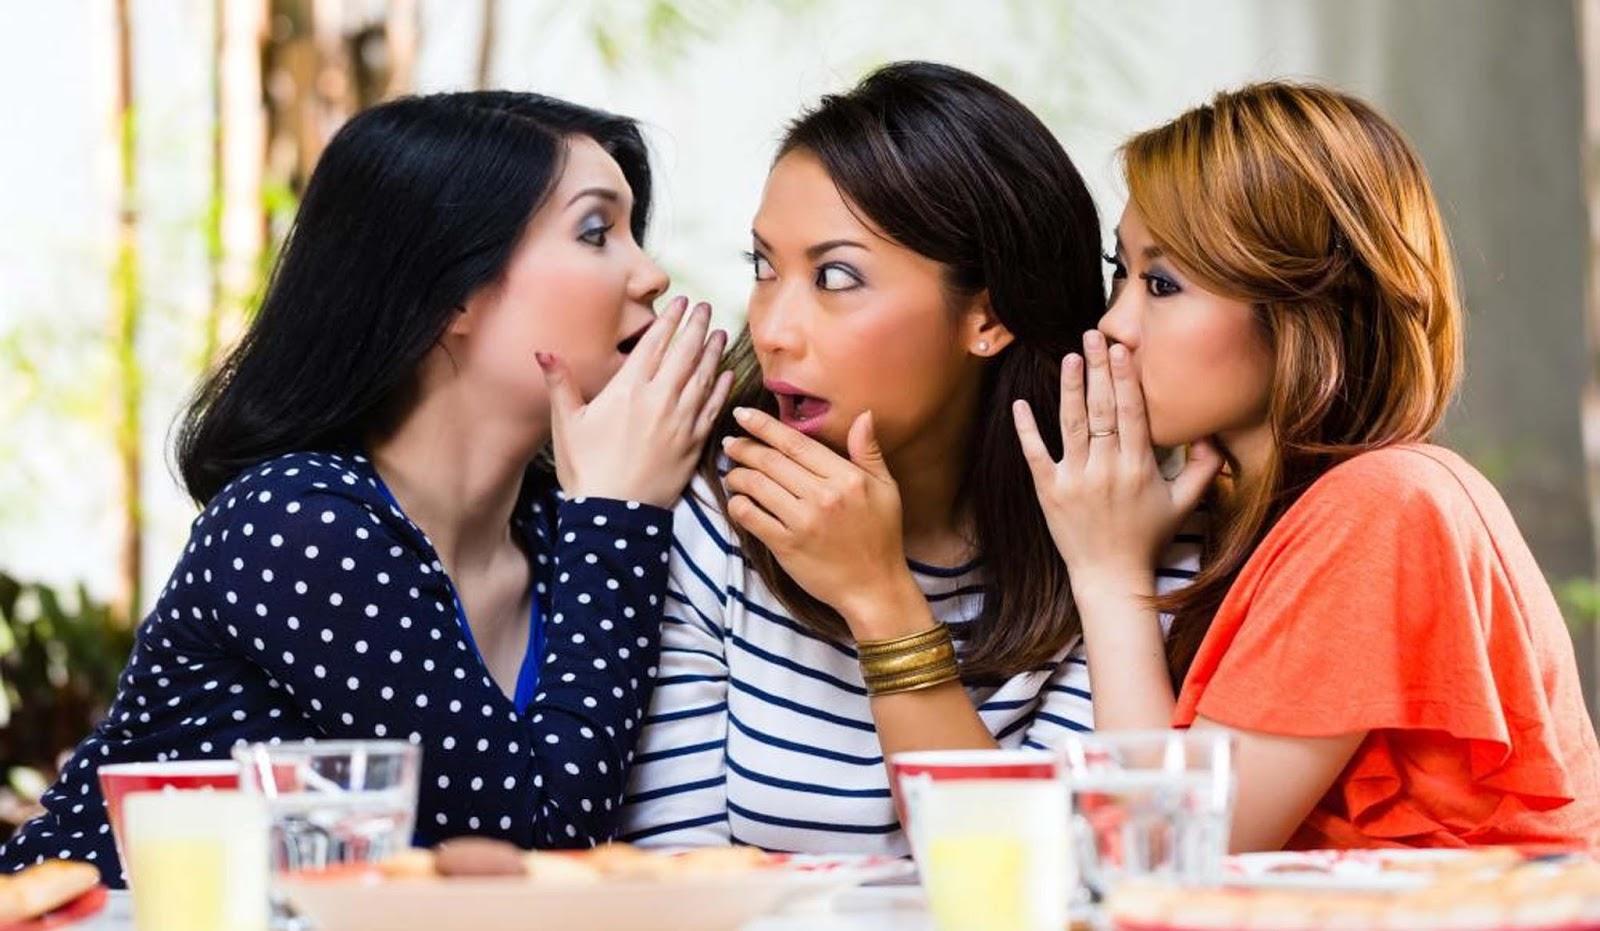 Pria itu Lebih Suka Wanita Berisi Daripada yang Kurus, Stop Diet!